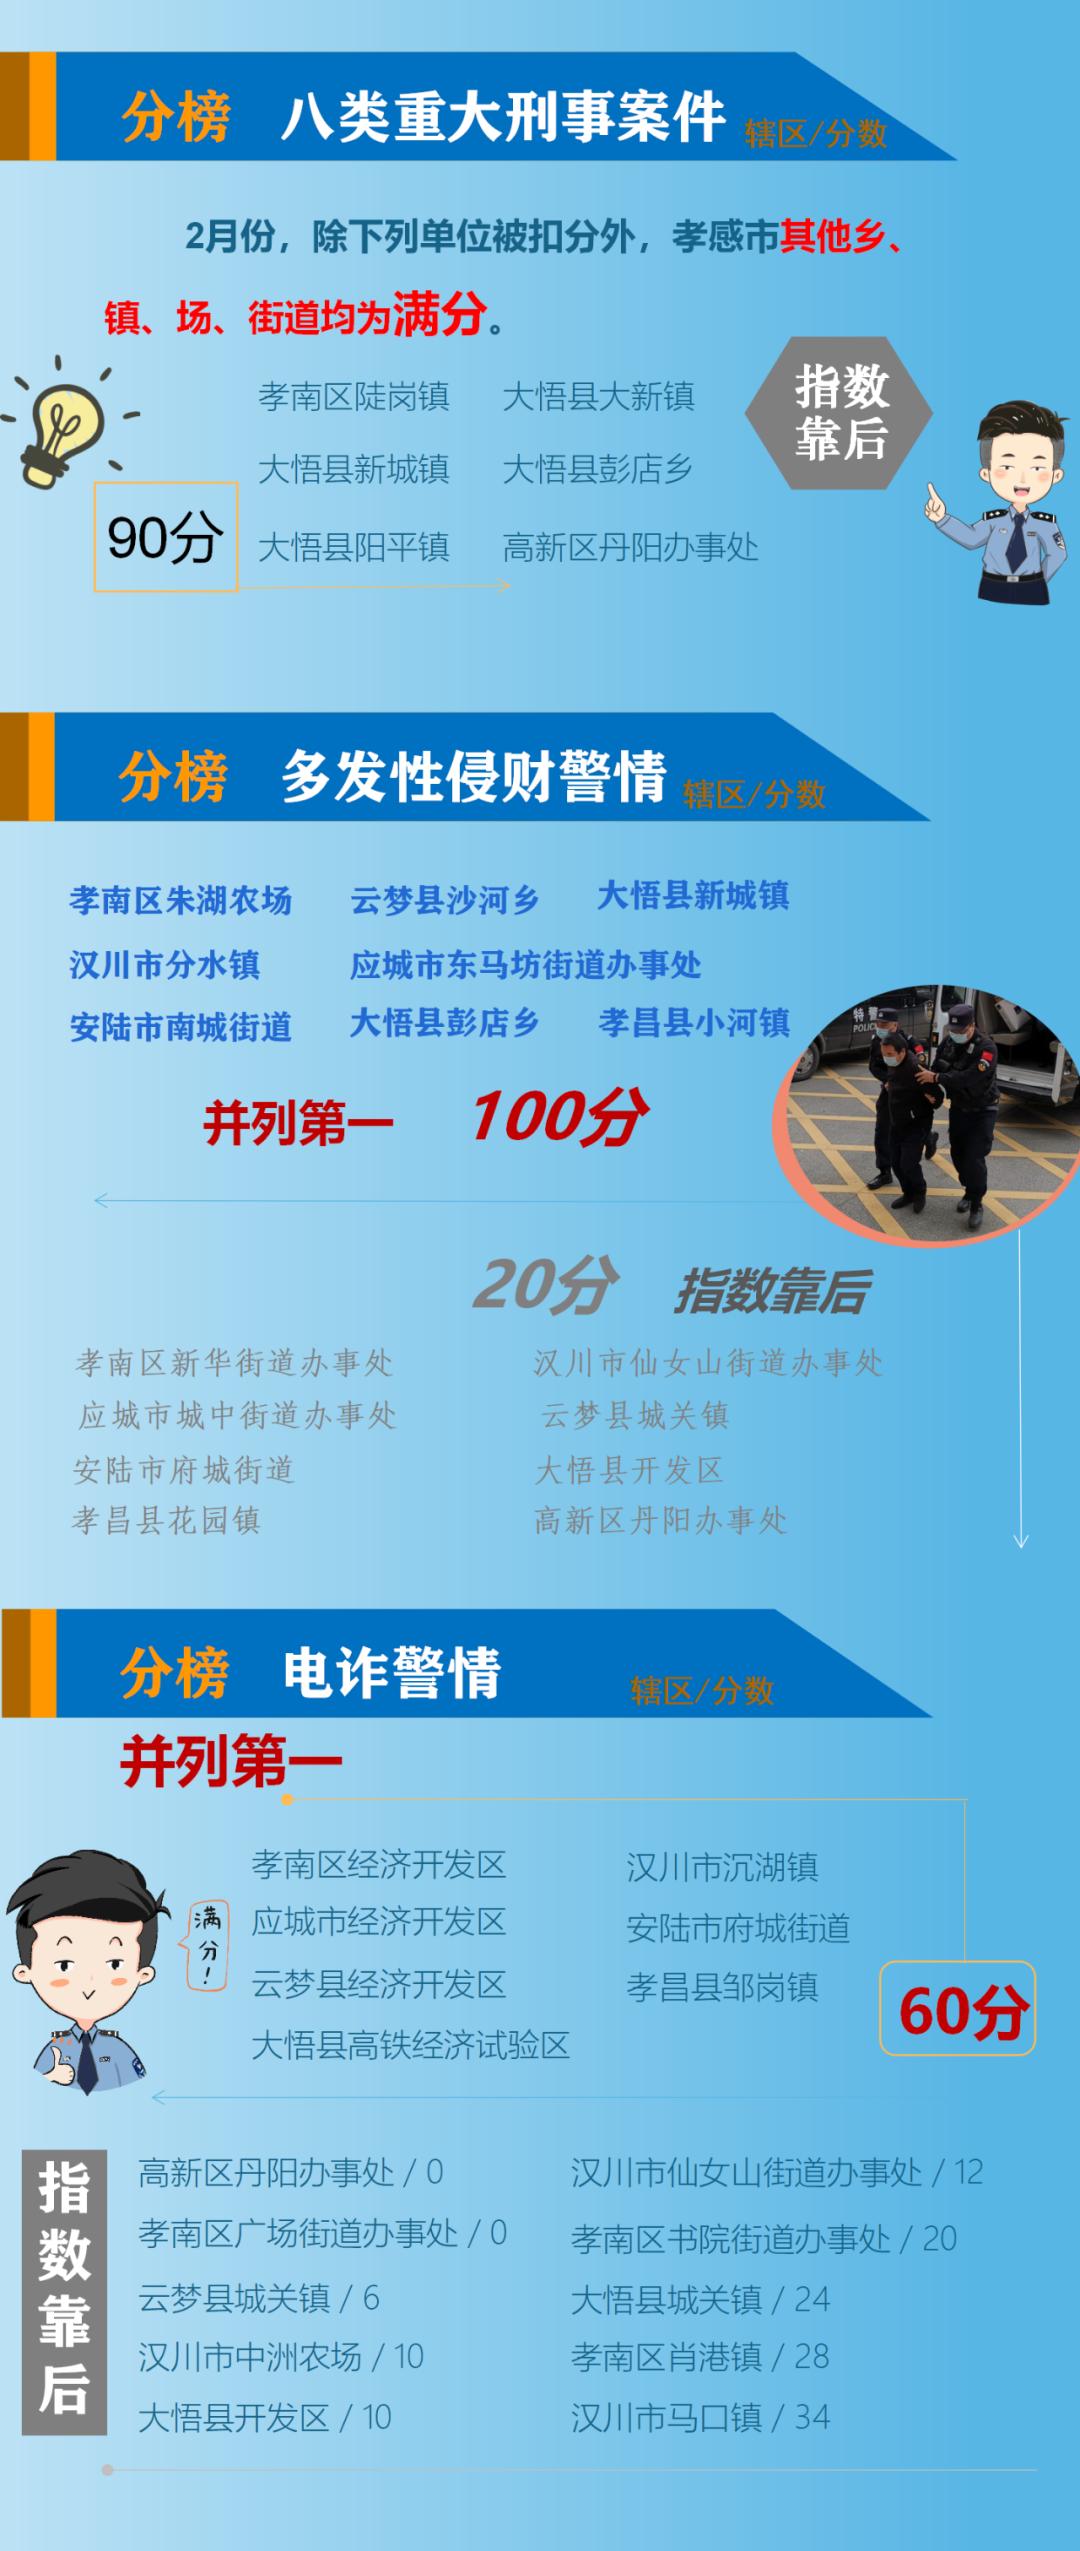 大悟20个乡镇区公共安全指数排名来了!